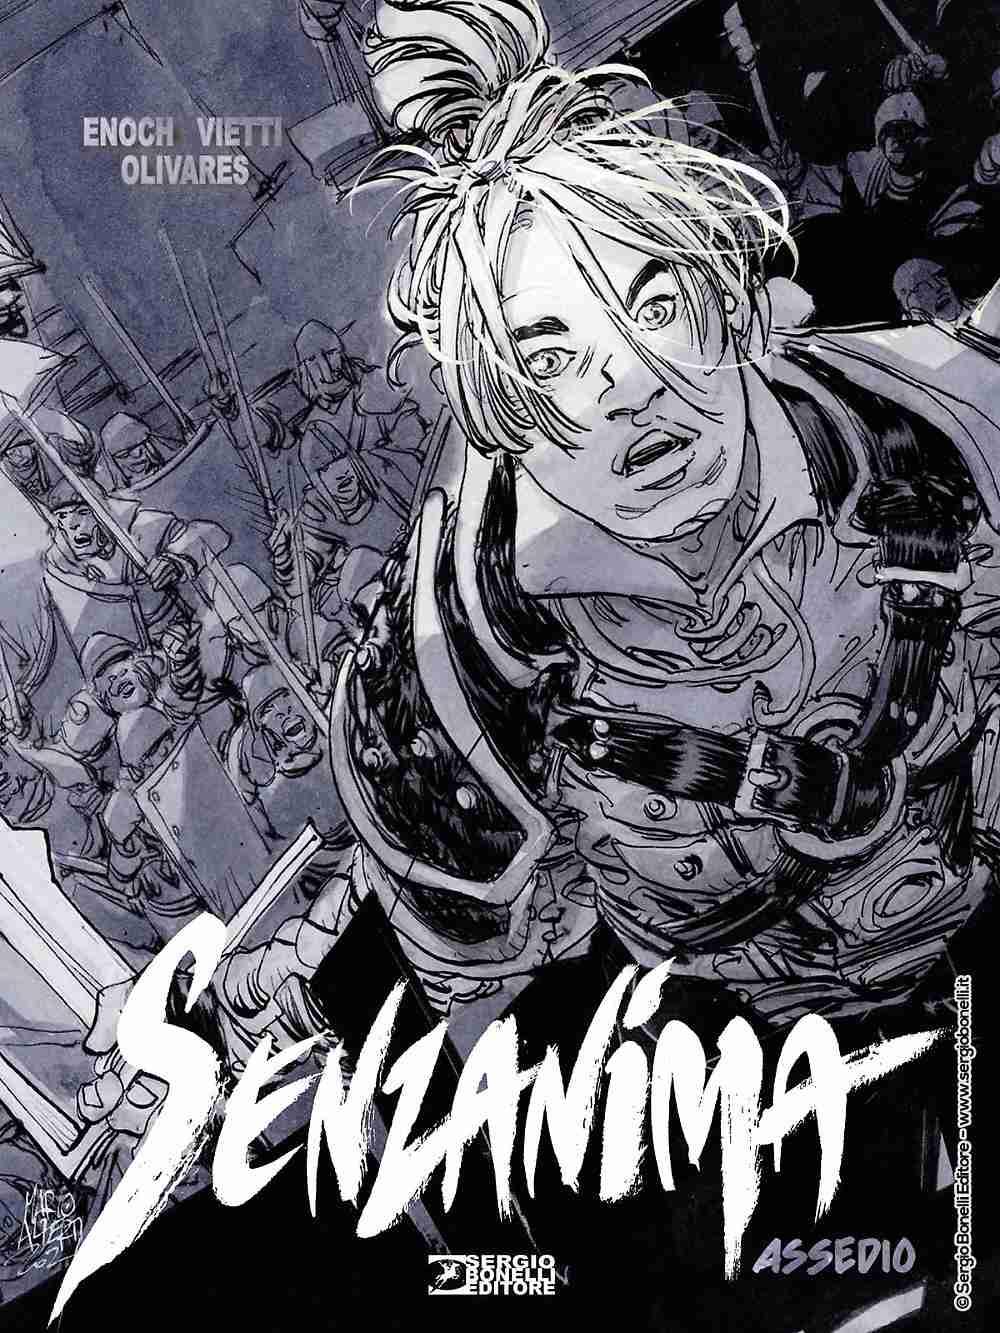 cover_variant SENZANIMA Assedio